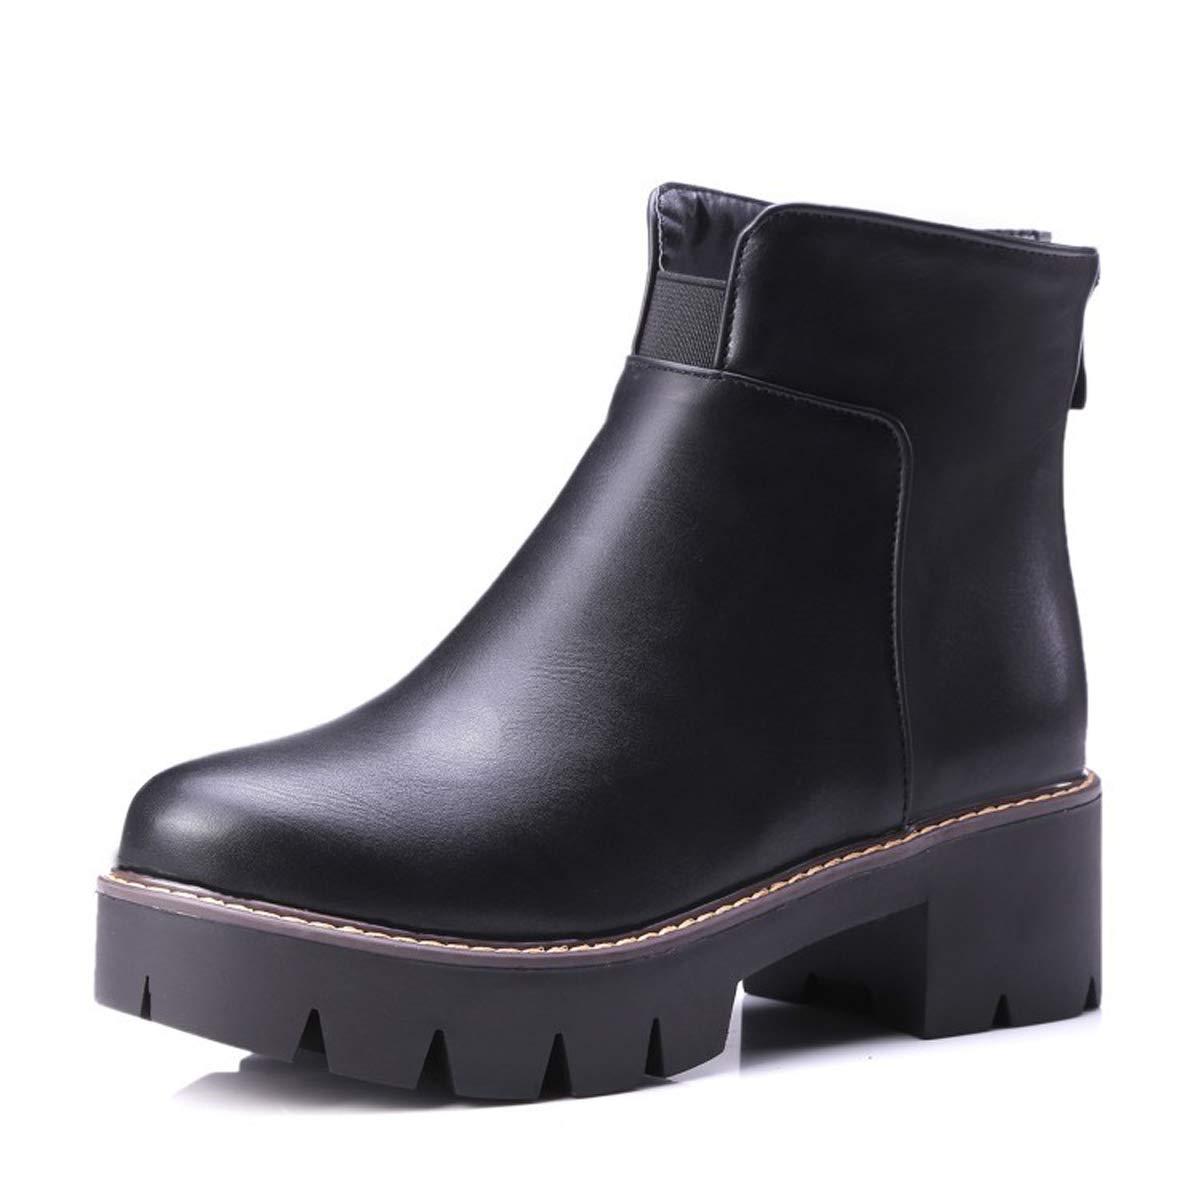 Adong Donna Martin Stivali Stivali di Mezza Neve Scarpe Piatte Muffin Bottom Scarpe Scarpe Spesse Lady Wild per Lo Shopping o Il Partito,nero,38EU